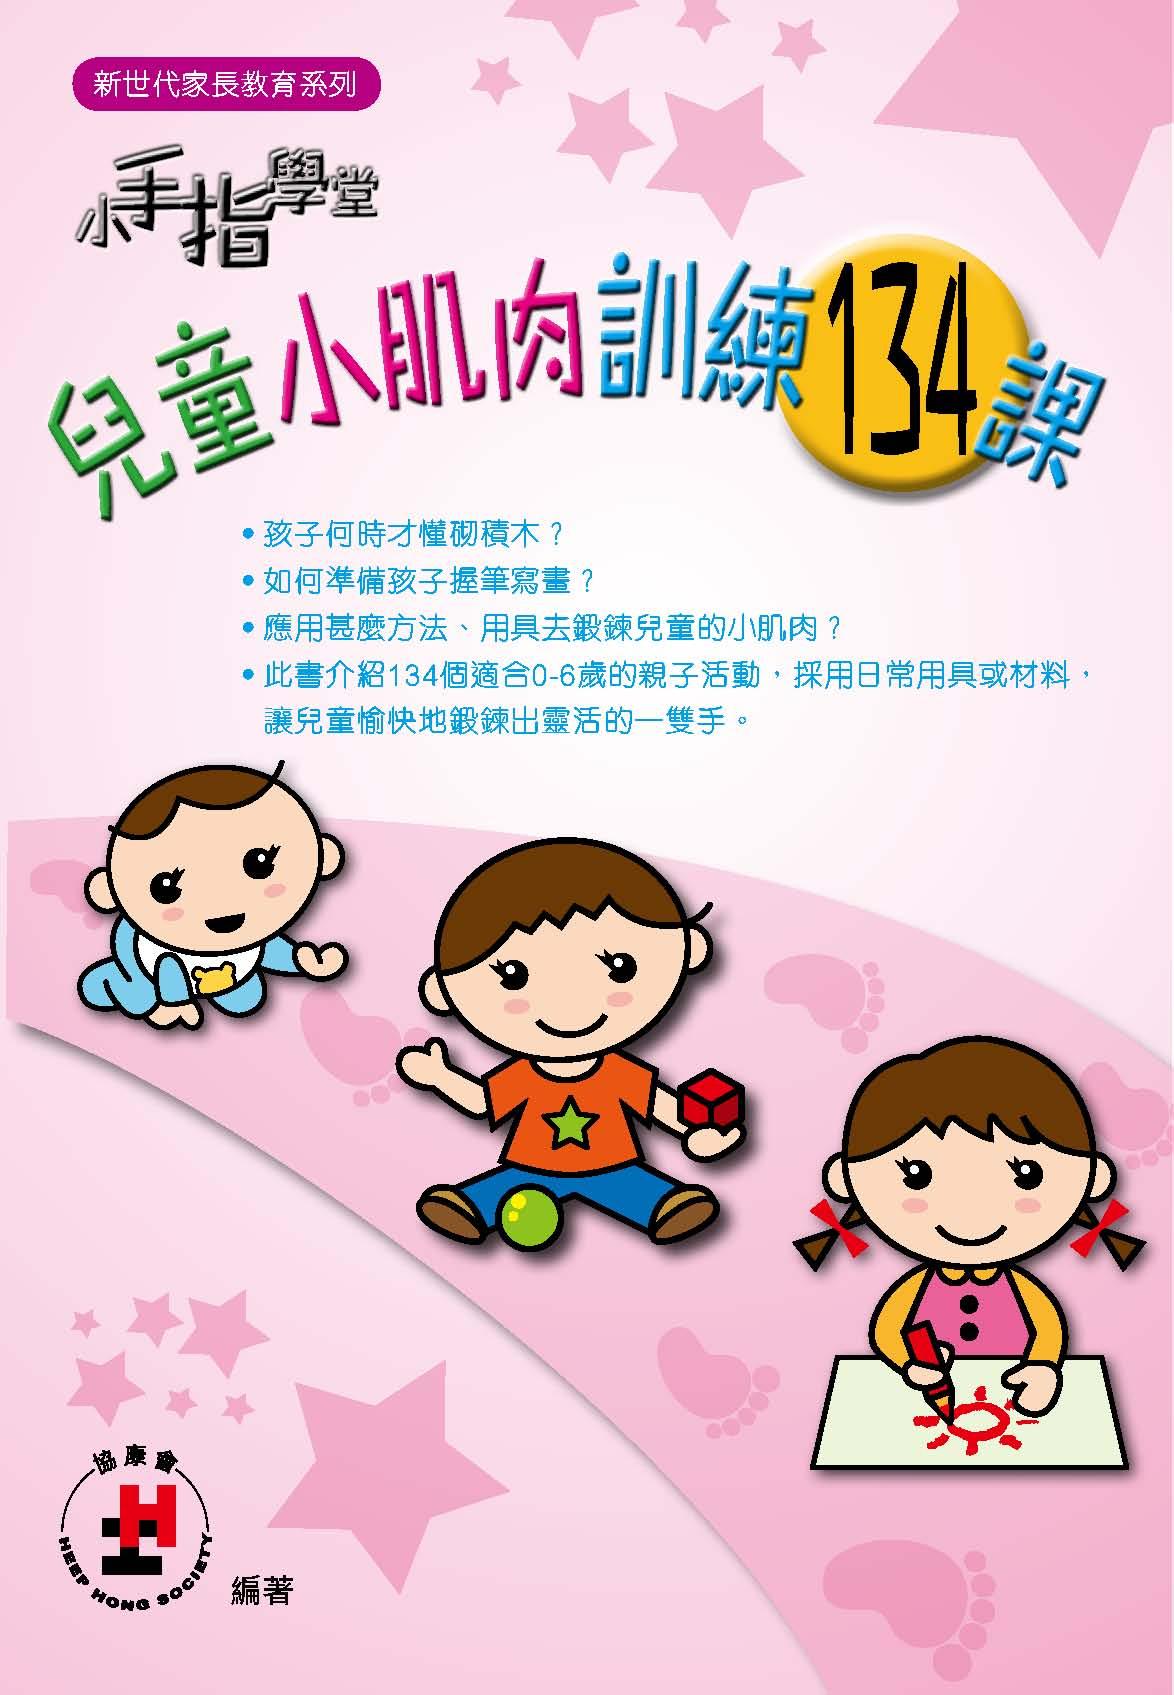 《小手指學堂-兒童小肌肉訓練134課》